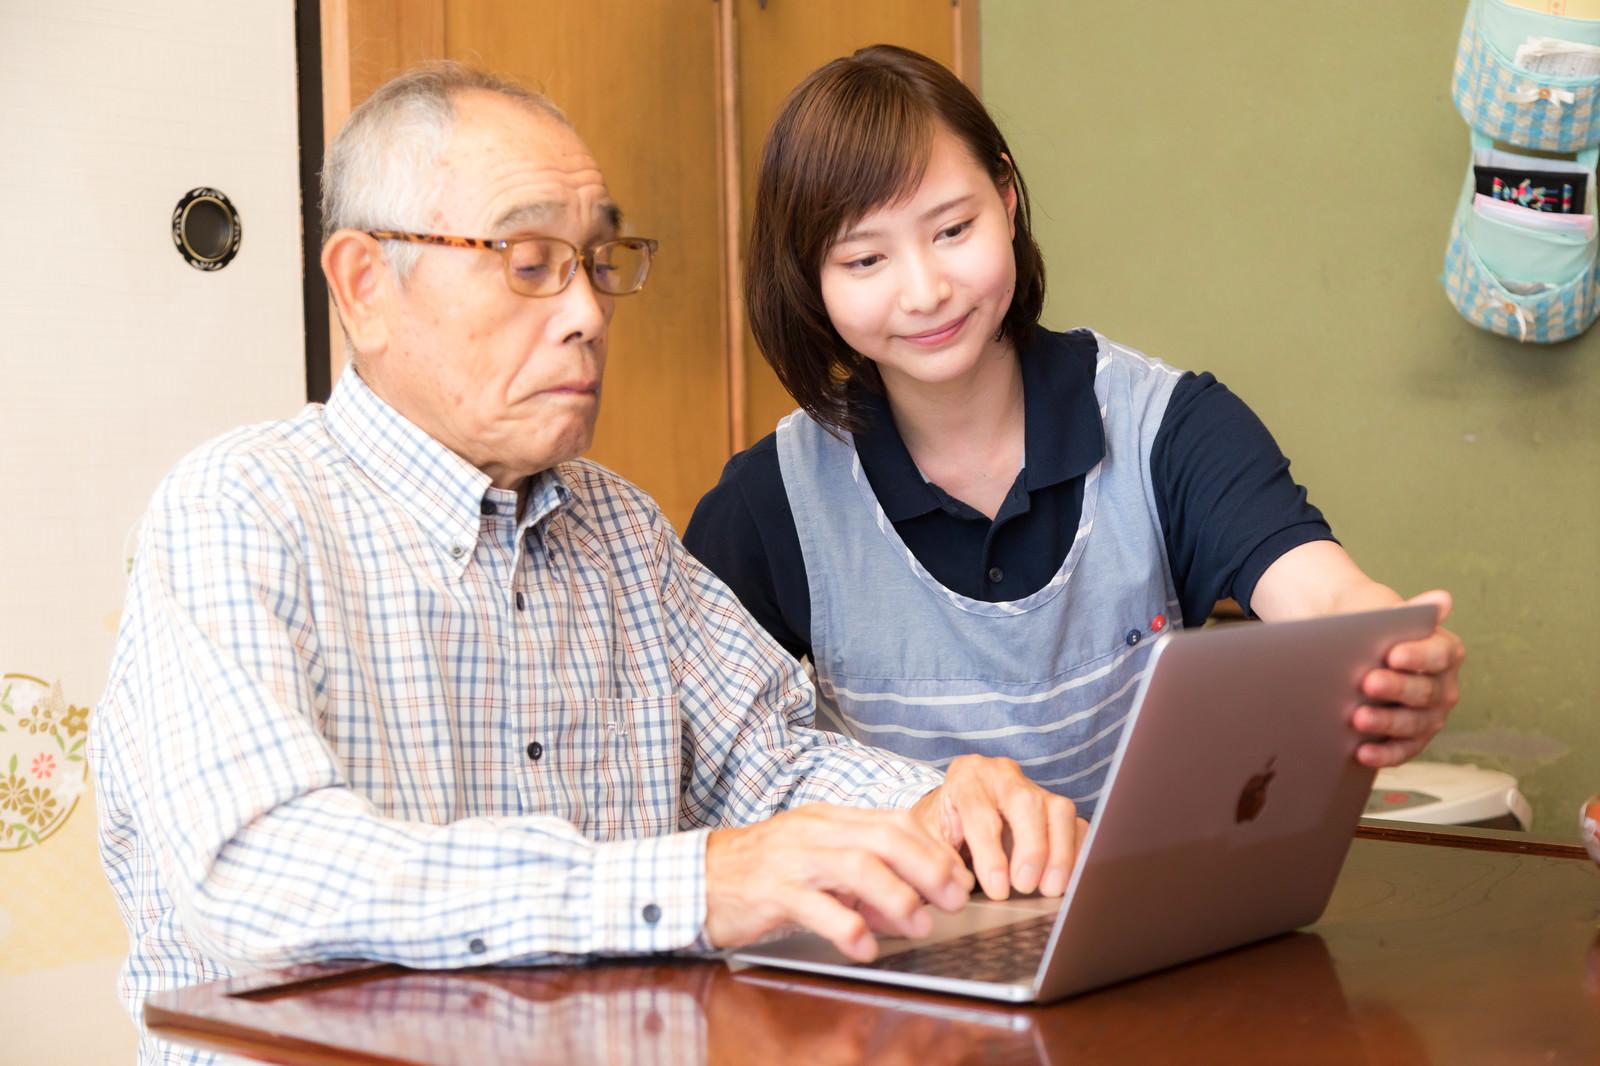 「パソコン講習中の高齢者と介護士」[モデル:まーちゃん yumiko]